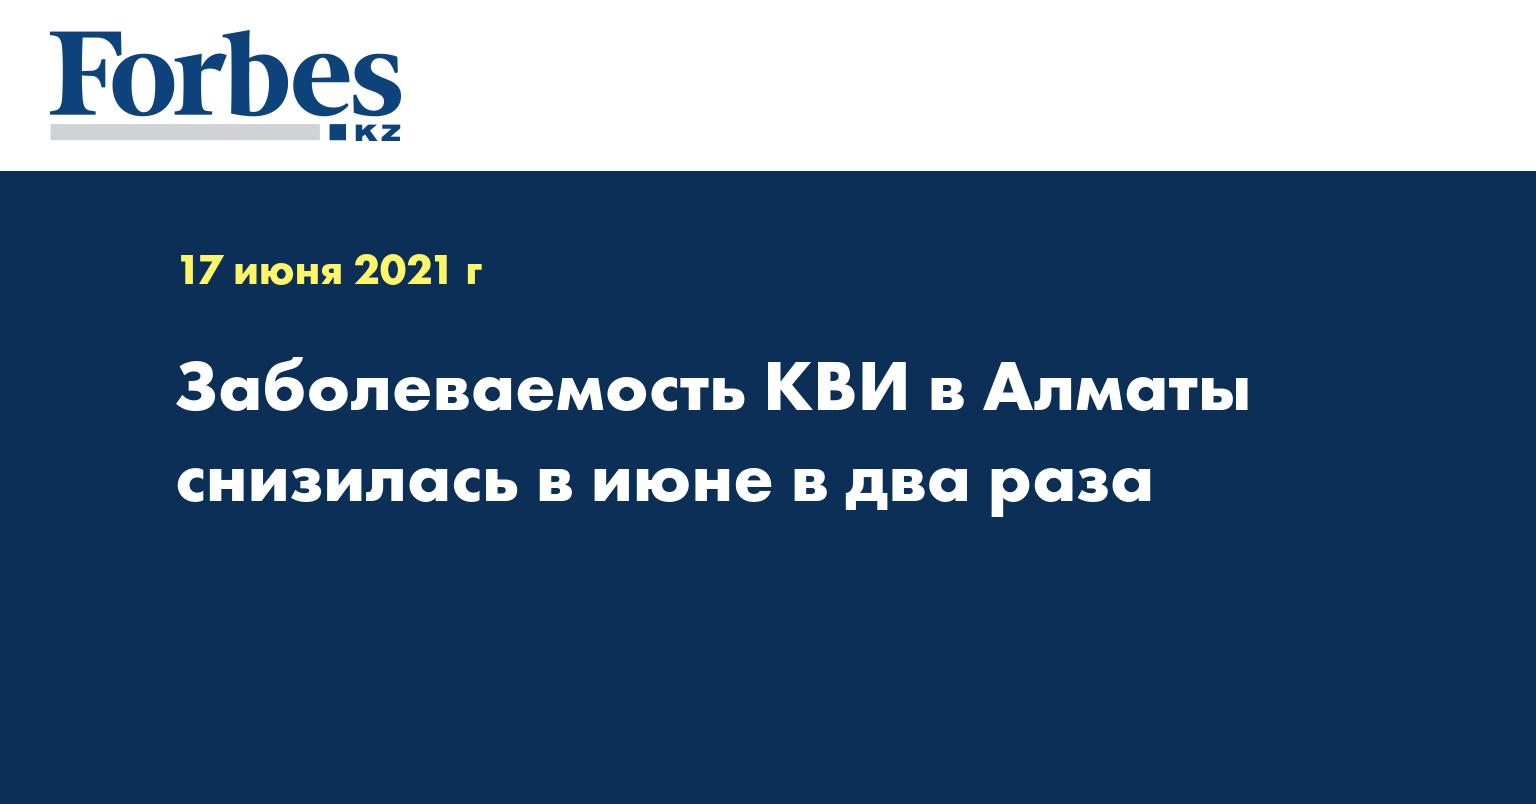 Заболеваемость КВИ в Алматы снизилась в июне в два раза